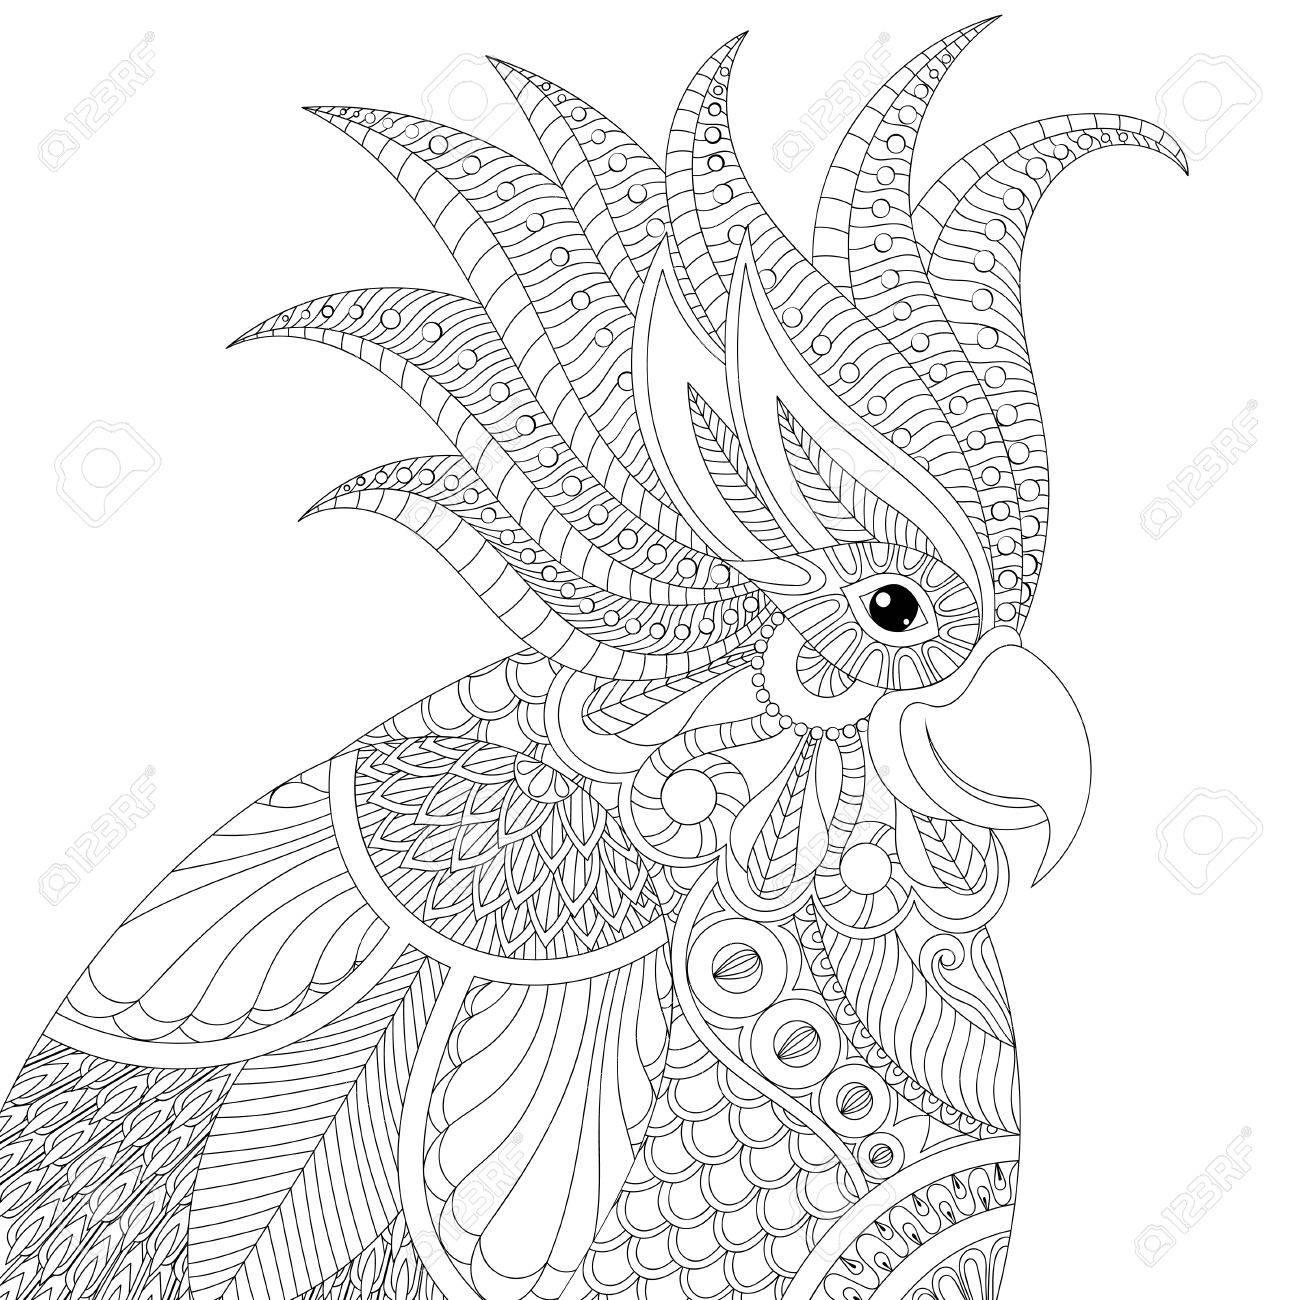 Coloriage Anti Stress Perroquet.Perroquet Exotique De Cacatoes Zentangle Tropical Pour Les Pages A Colorier Adultes Anti Stress Livre Tete D Oiseau Pour L Art Therapie Carte De